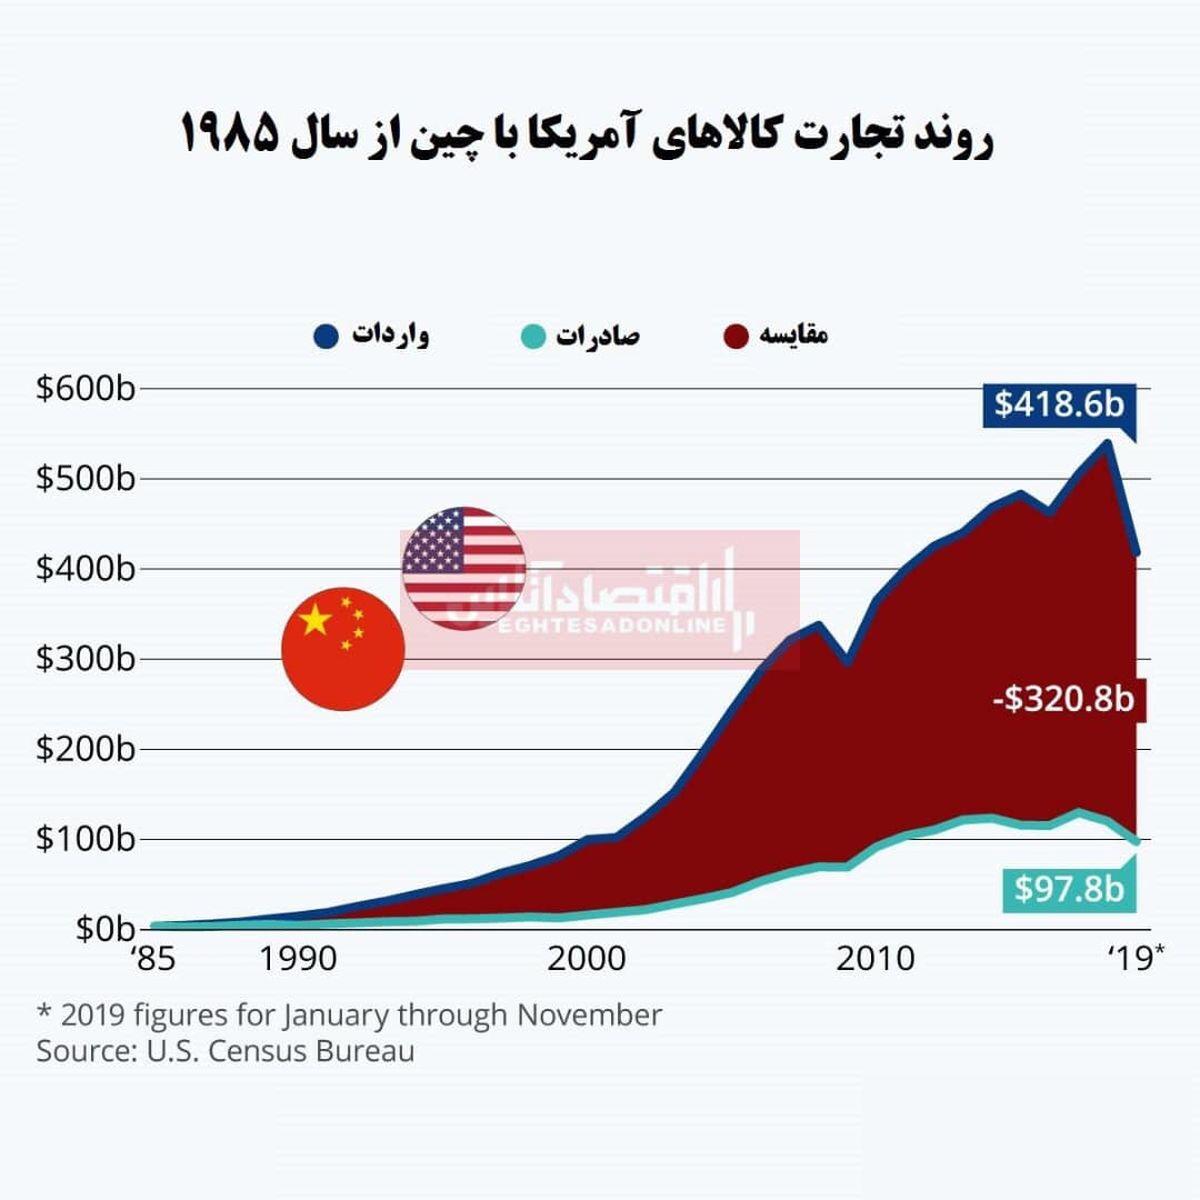 چشمانداز تجارت چین و آمریکا/ کسری تجاری آمریکا در برابر چین کاهش یافت